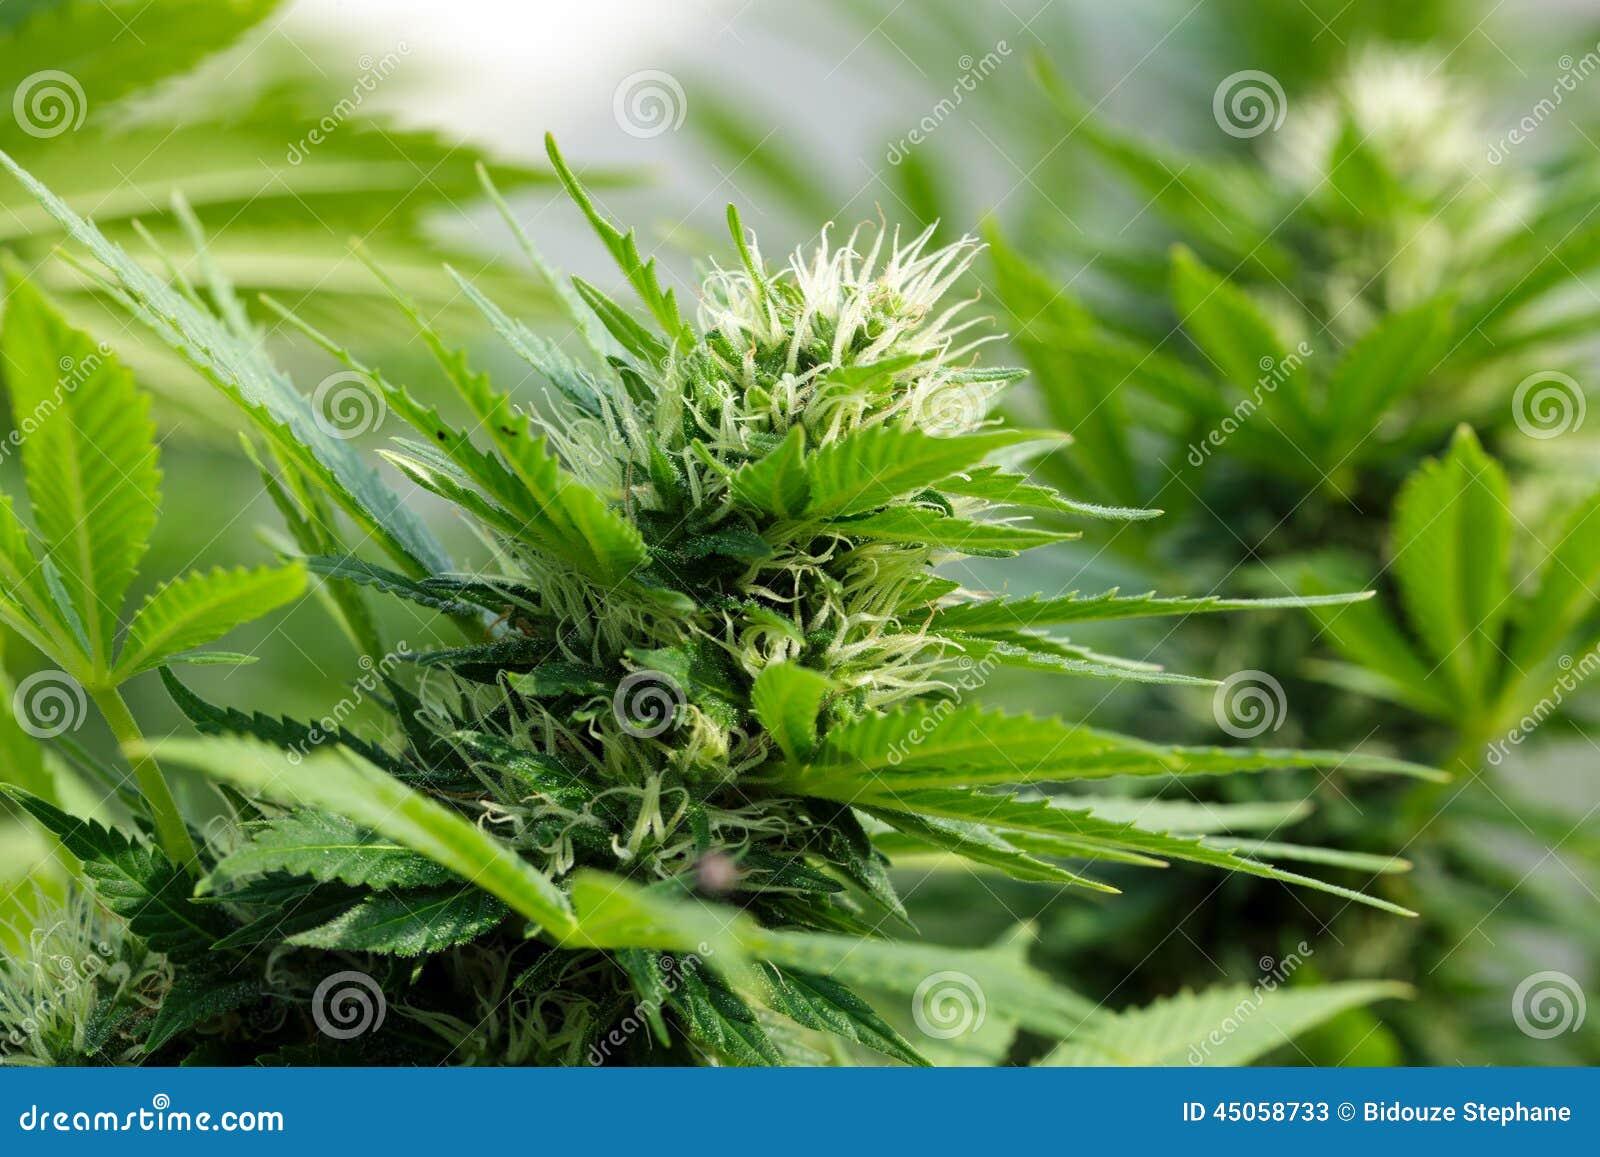 Détail d un flowerhead de cannabis